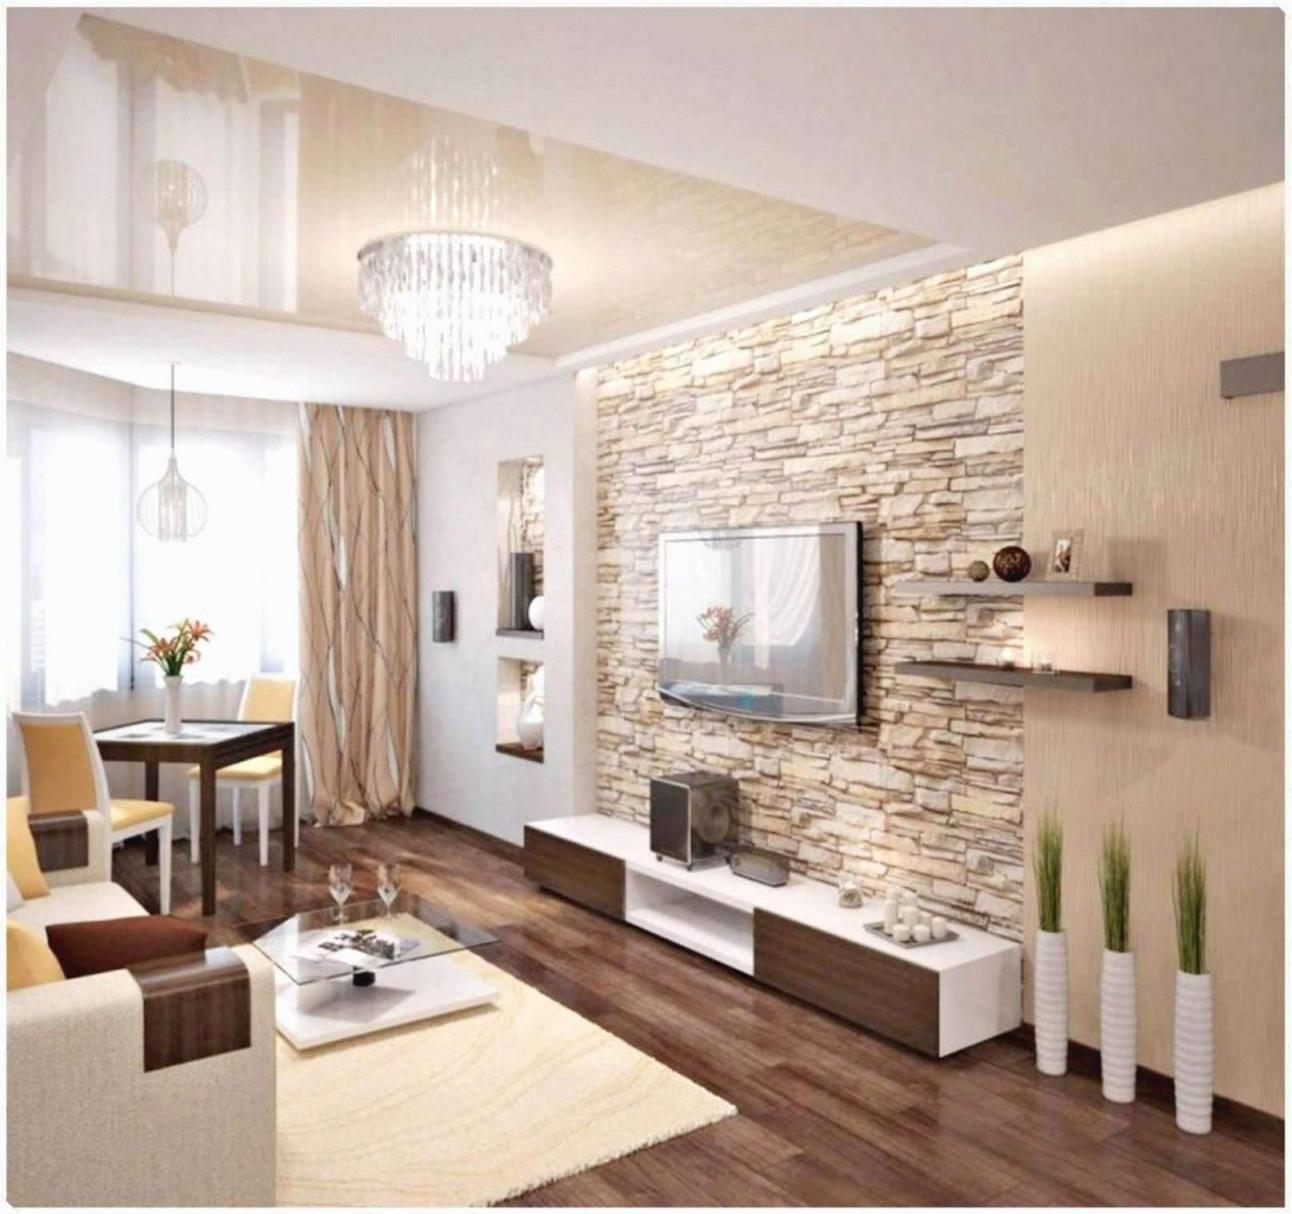 29 Luxus Wohnzimmer Einrichten Ideen Genial  Wohnzimmer Frisch von Luxus Wohnzimmer Bilder Photo